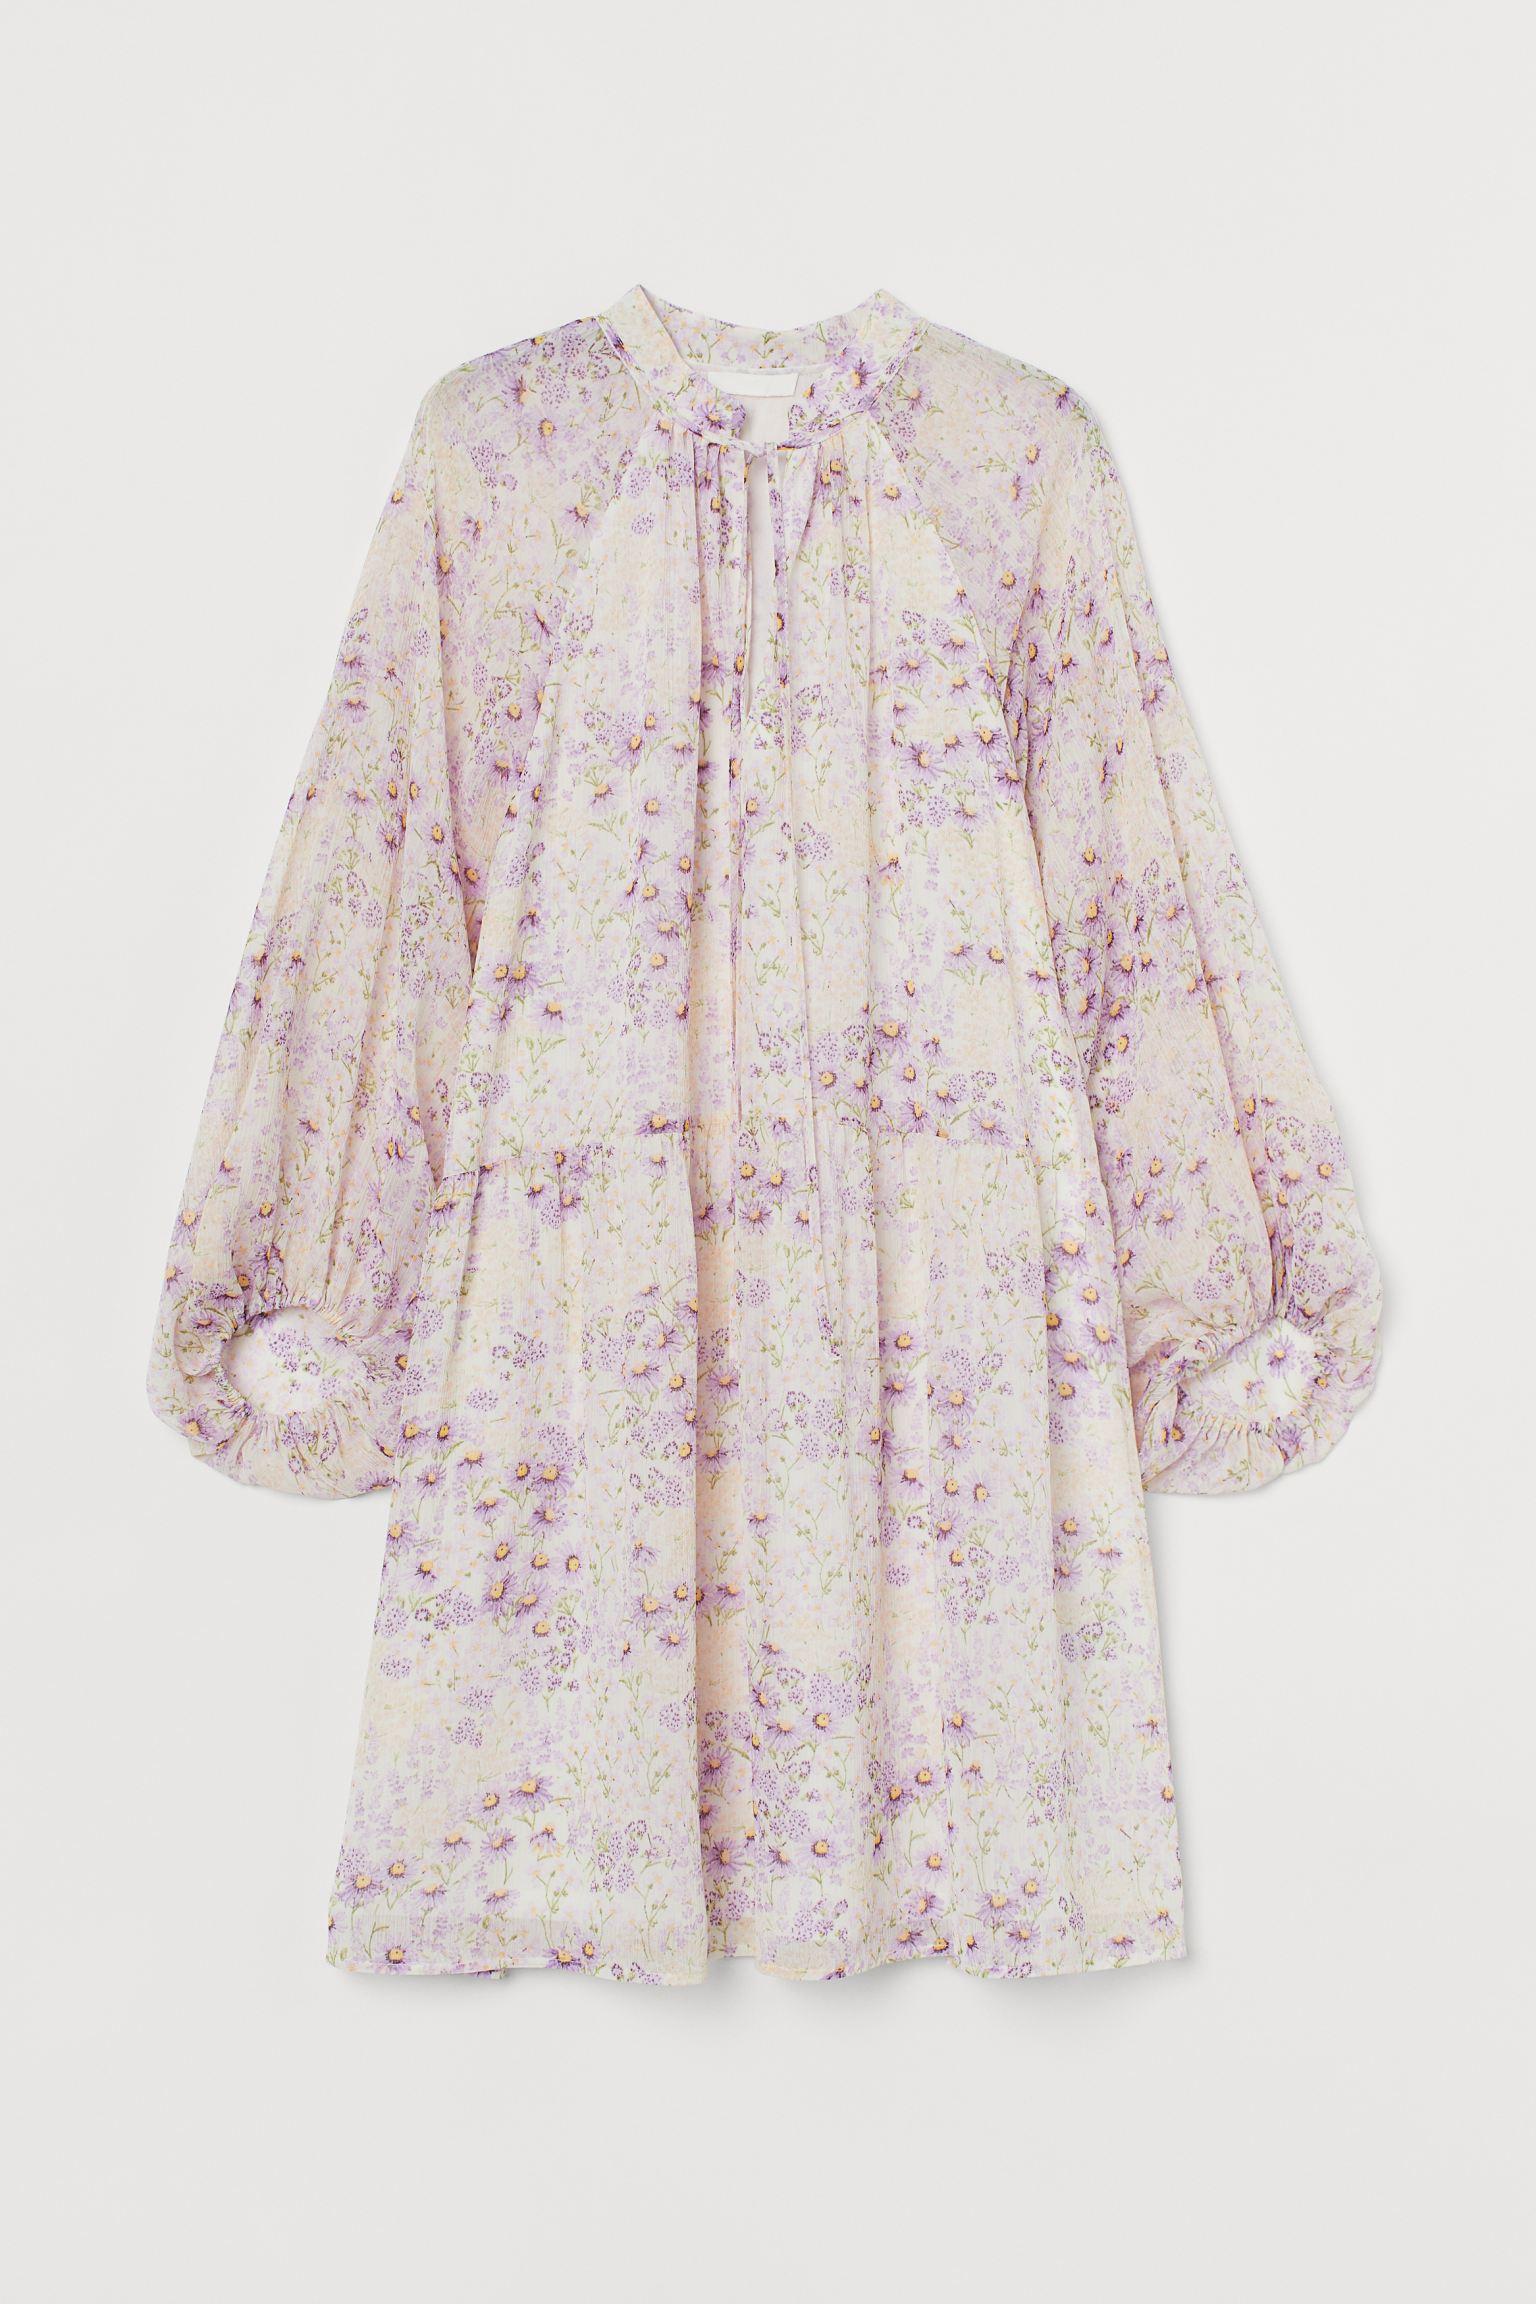 Vestido evasé corto en tejido vaporoso con cuello elevado corto y abertura con tiras de anudar finas en el escote.